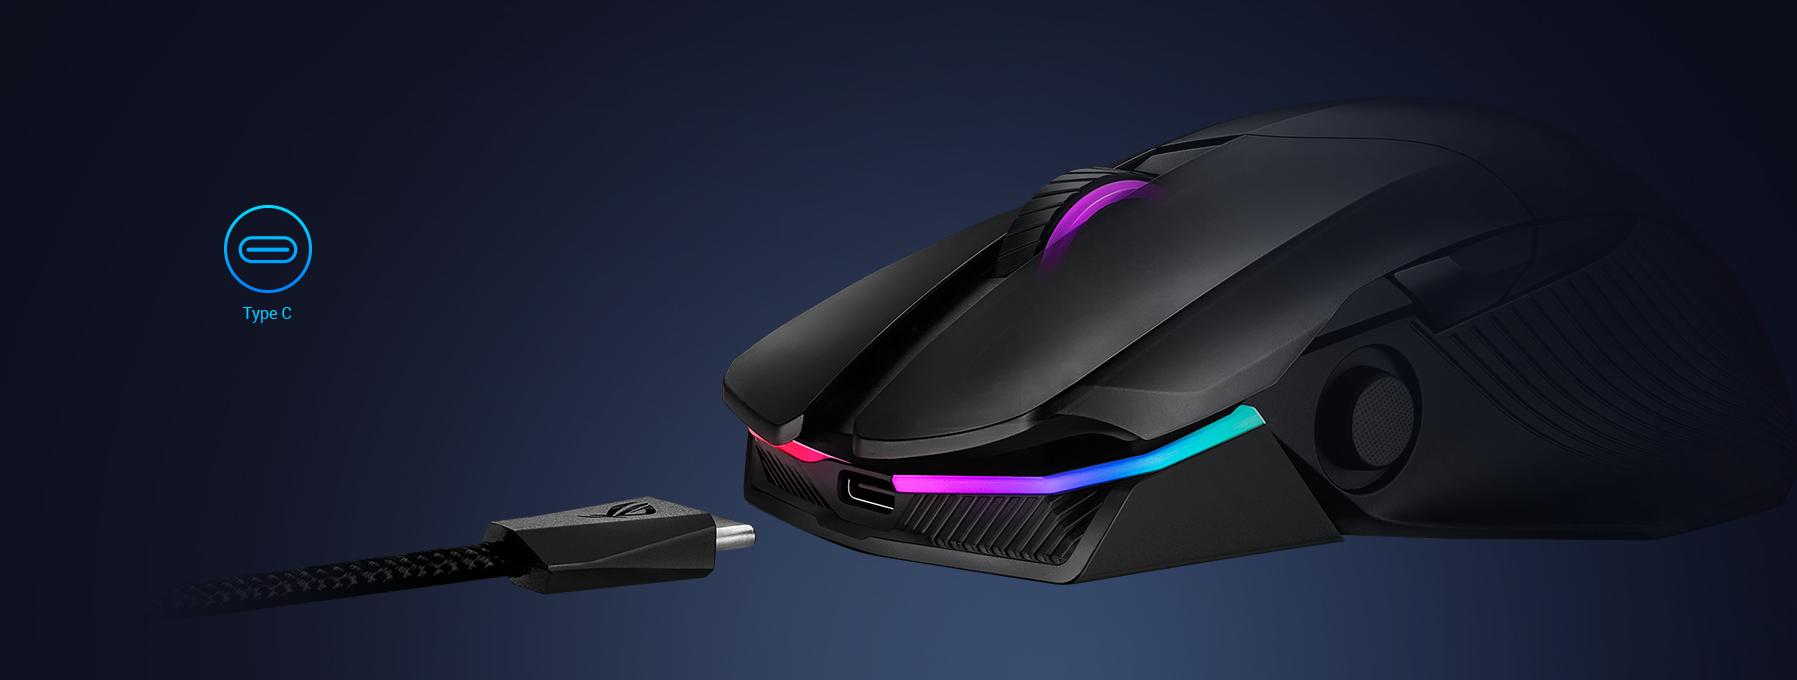 Chuột không dây chơi game Asus ROG Chakram (P704) (USB/RGB/Đen) có tính năng sạc nhanh